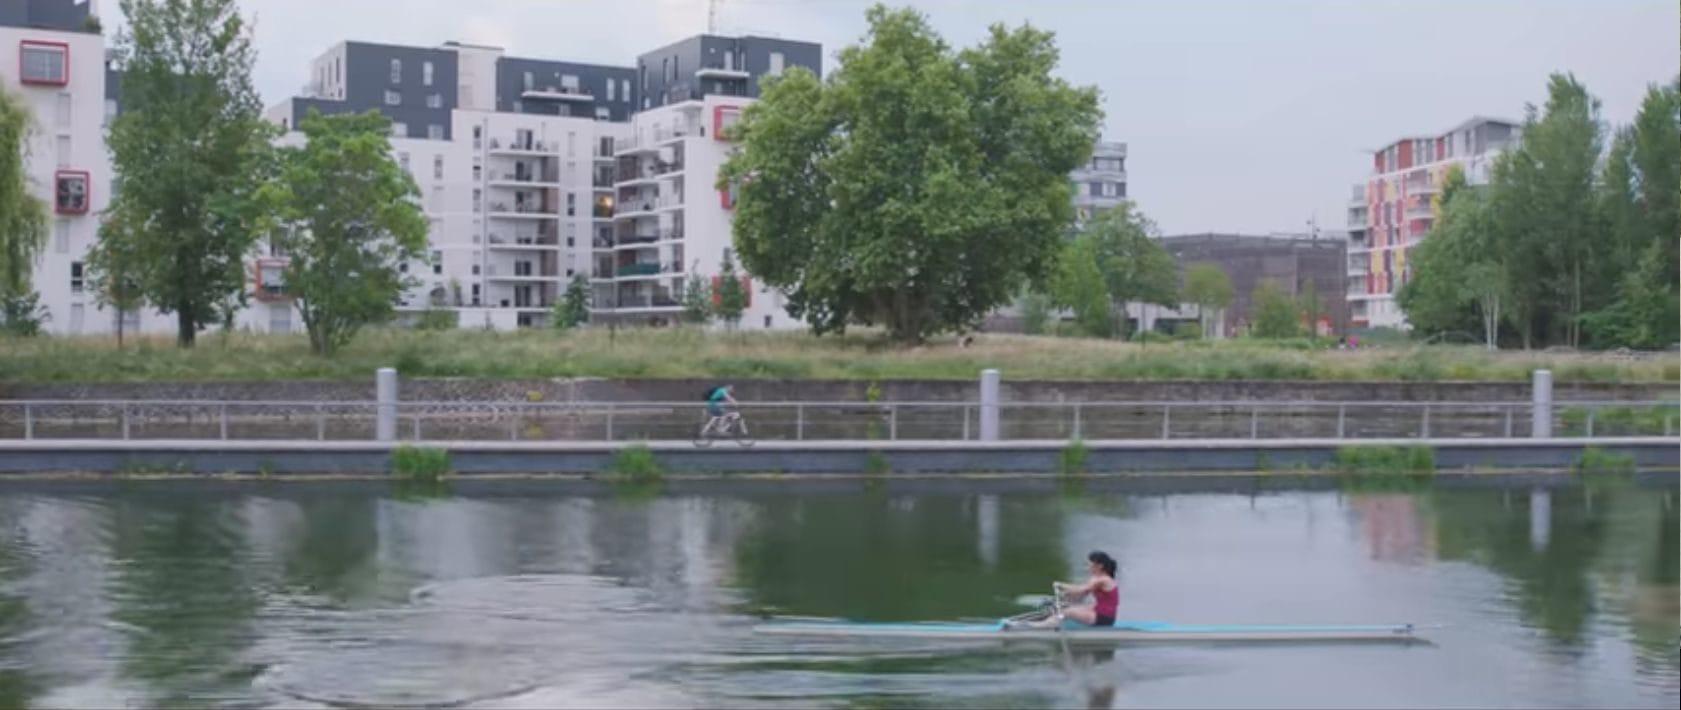 Quand des gestes interdits donnent une meilleure image de Strasbourg